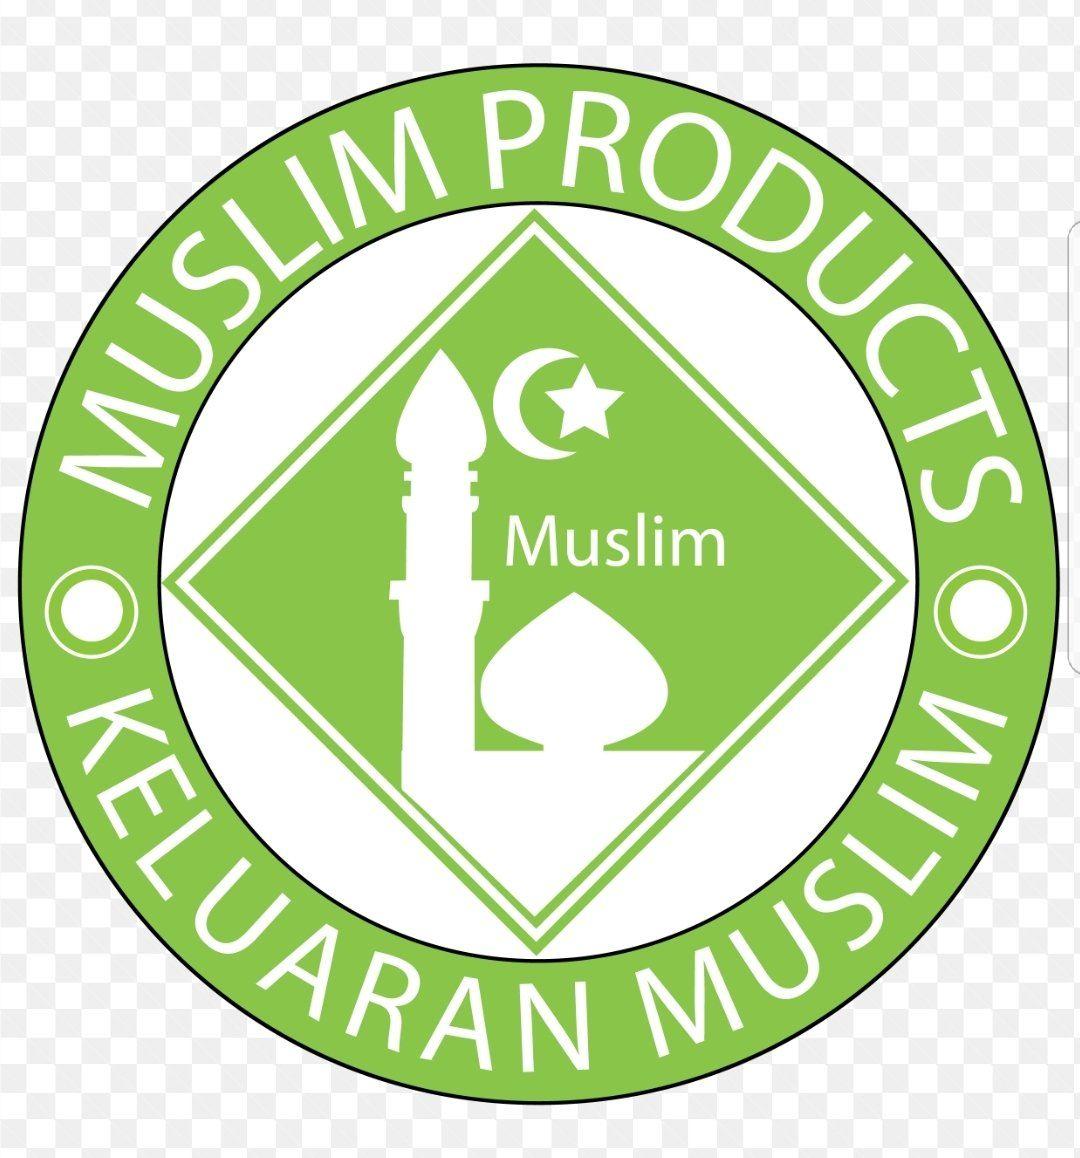 MUSLIM PRODUCT / KELUARAN MUSLIM